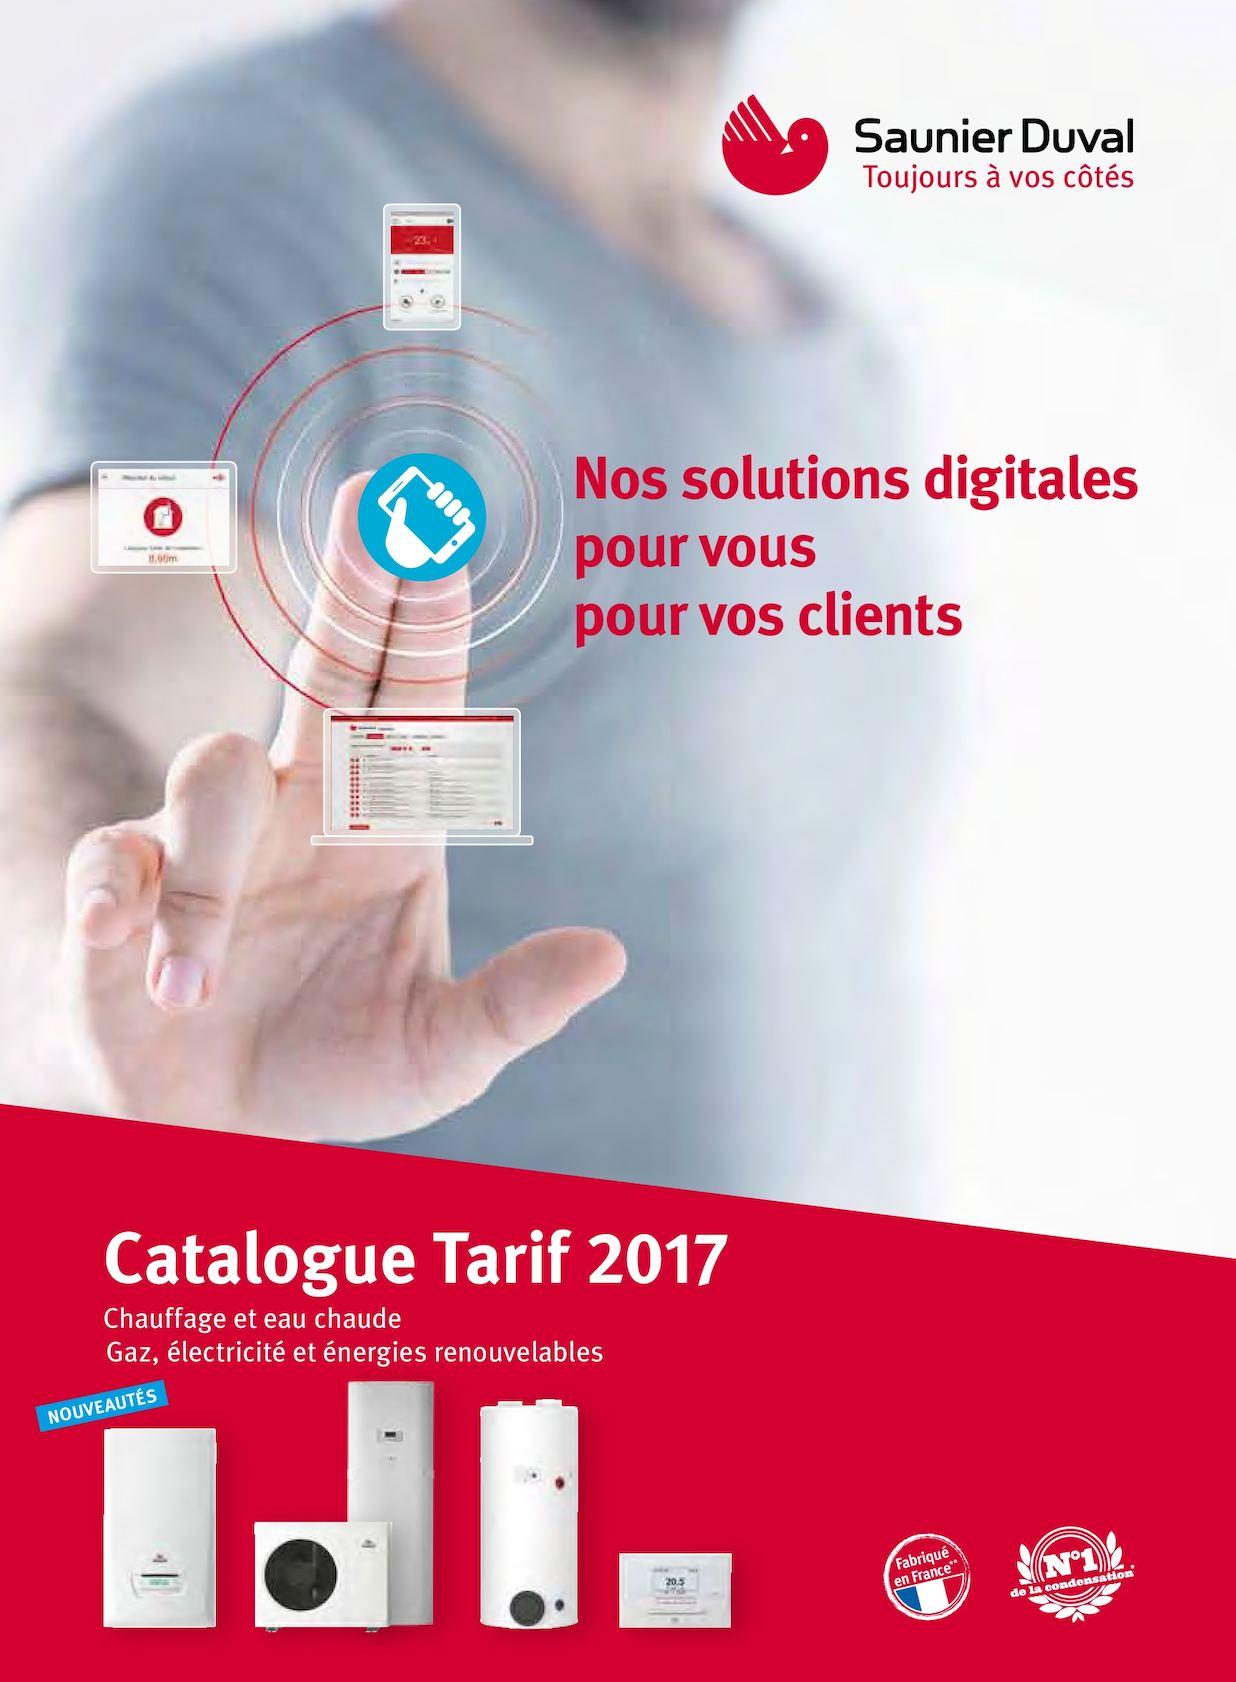 Calam o catalogue saunier duval 2017 - Saunier duval nantes ...